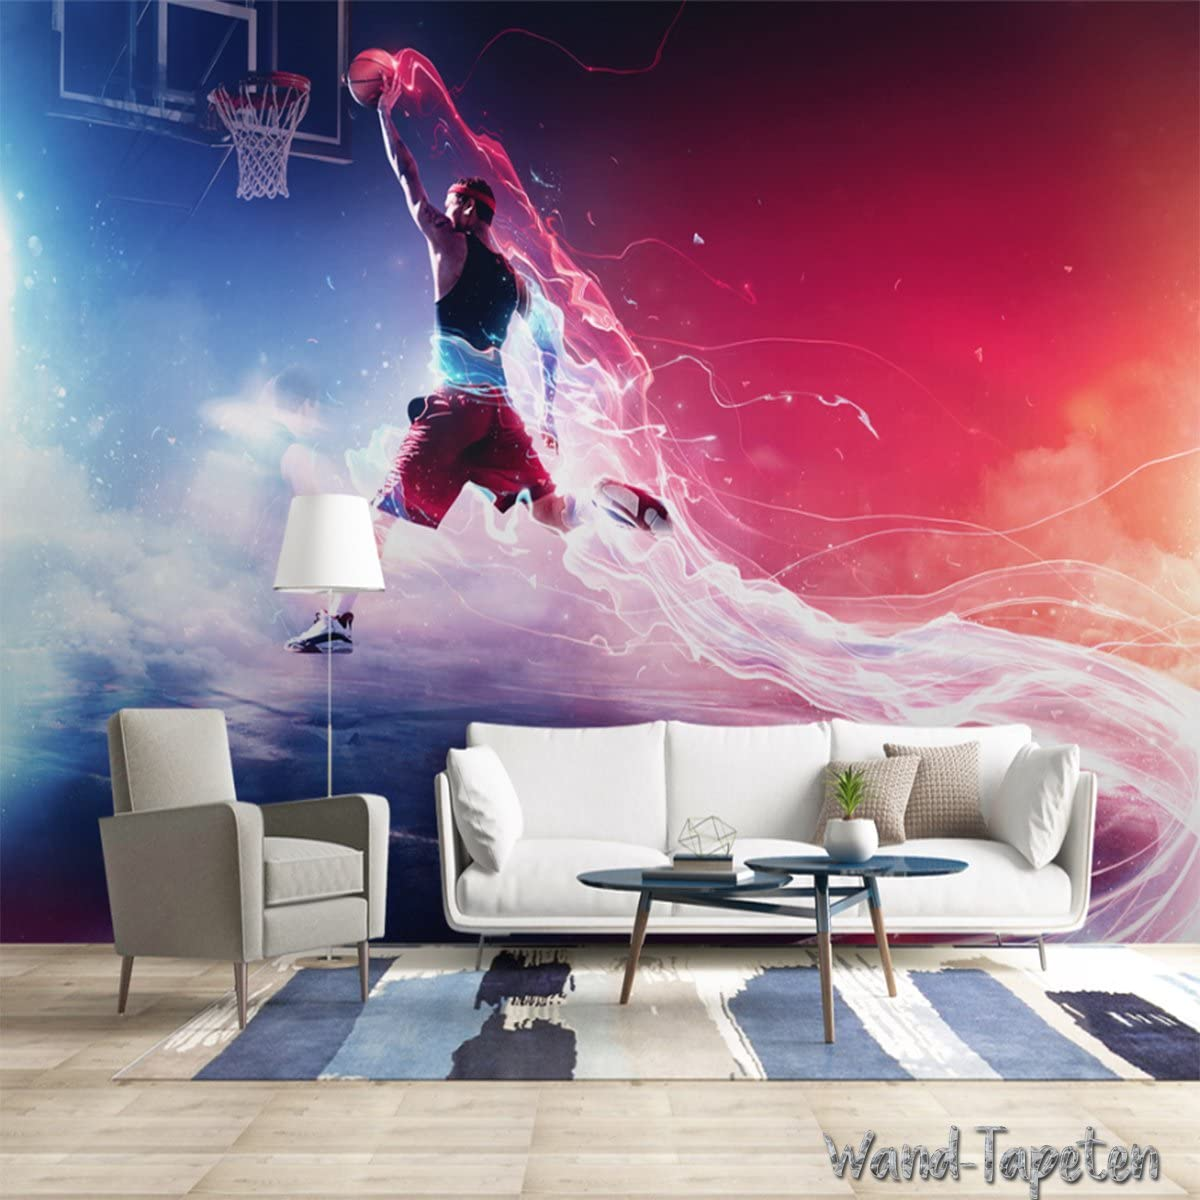 3-Bahne H B x 105cm Papier peint photo mural papier peint photo mural Basketball KN-3510 XS 150cm